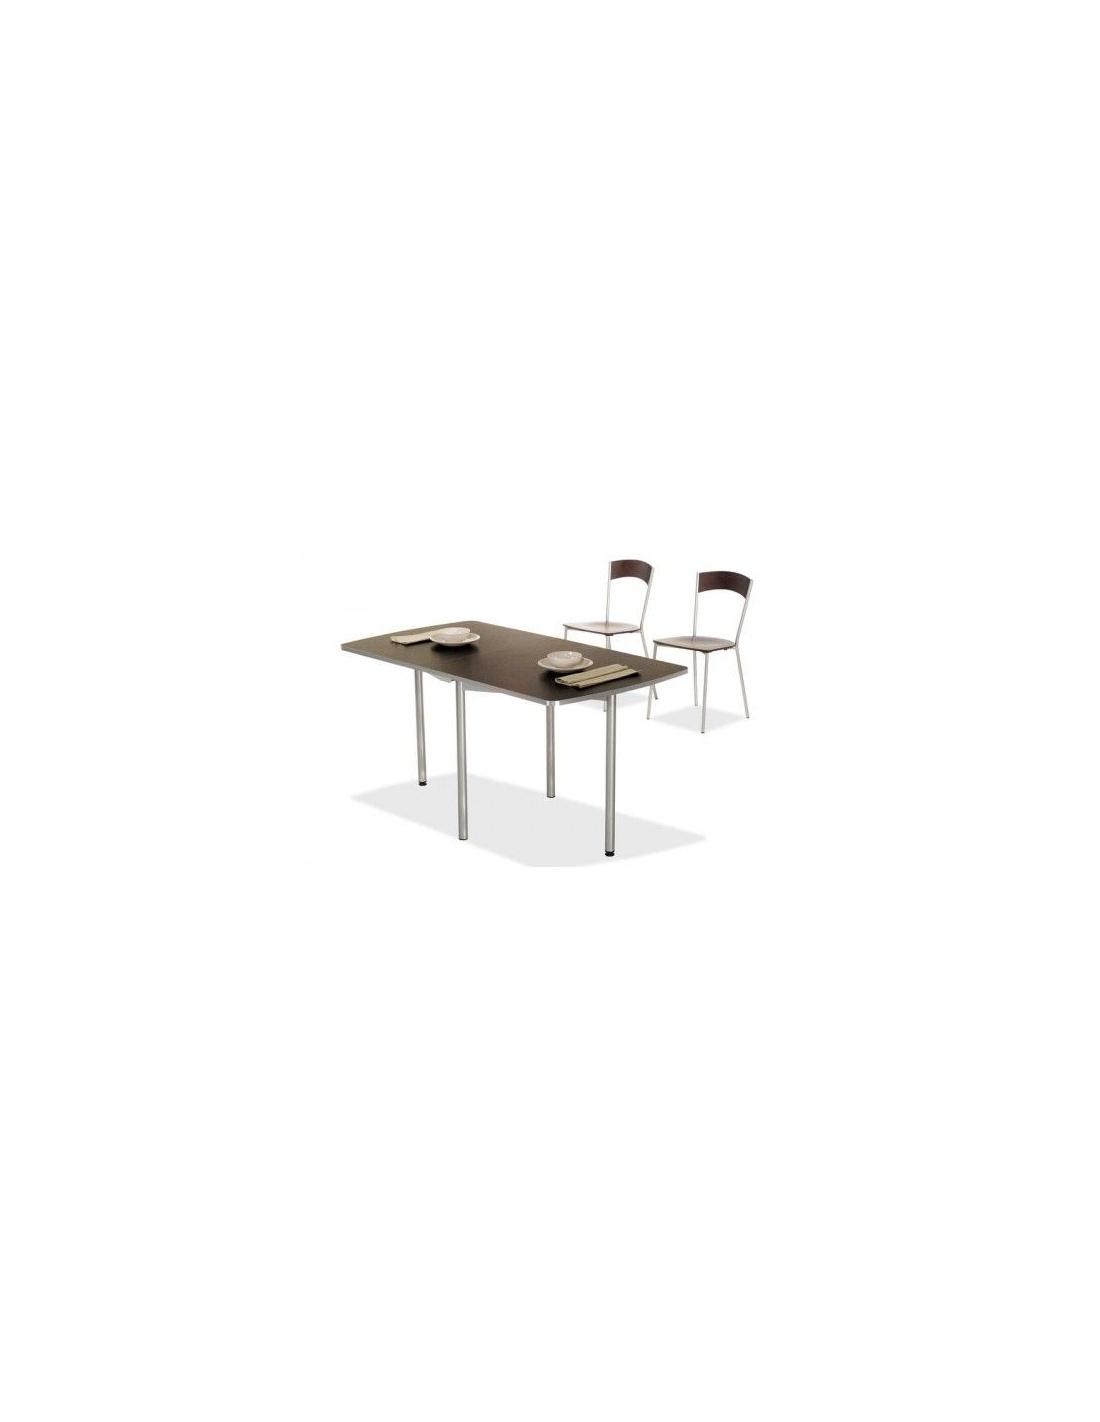 Tavolo pieghevole casa e stile arredamenti - Tavolo consolle pieghevole ...